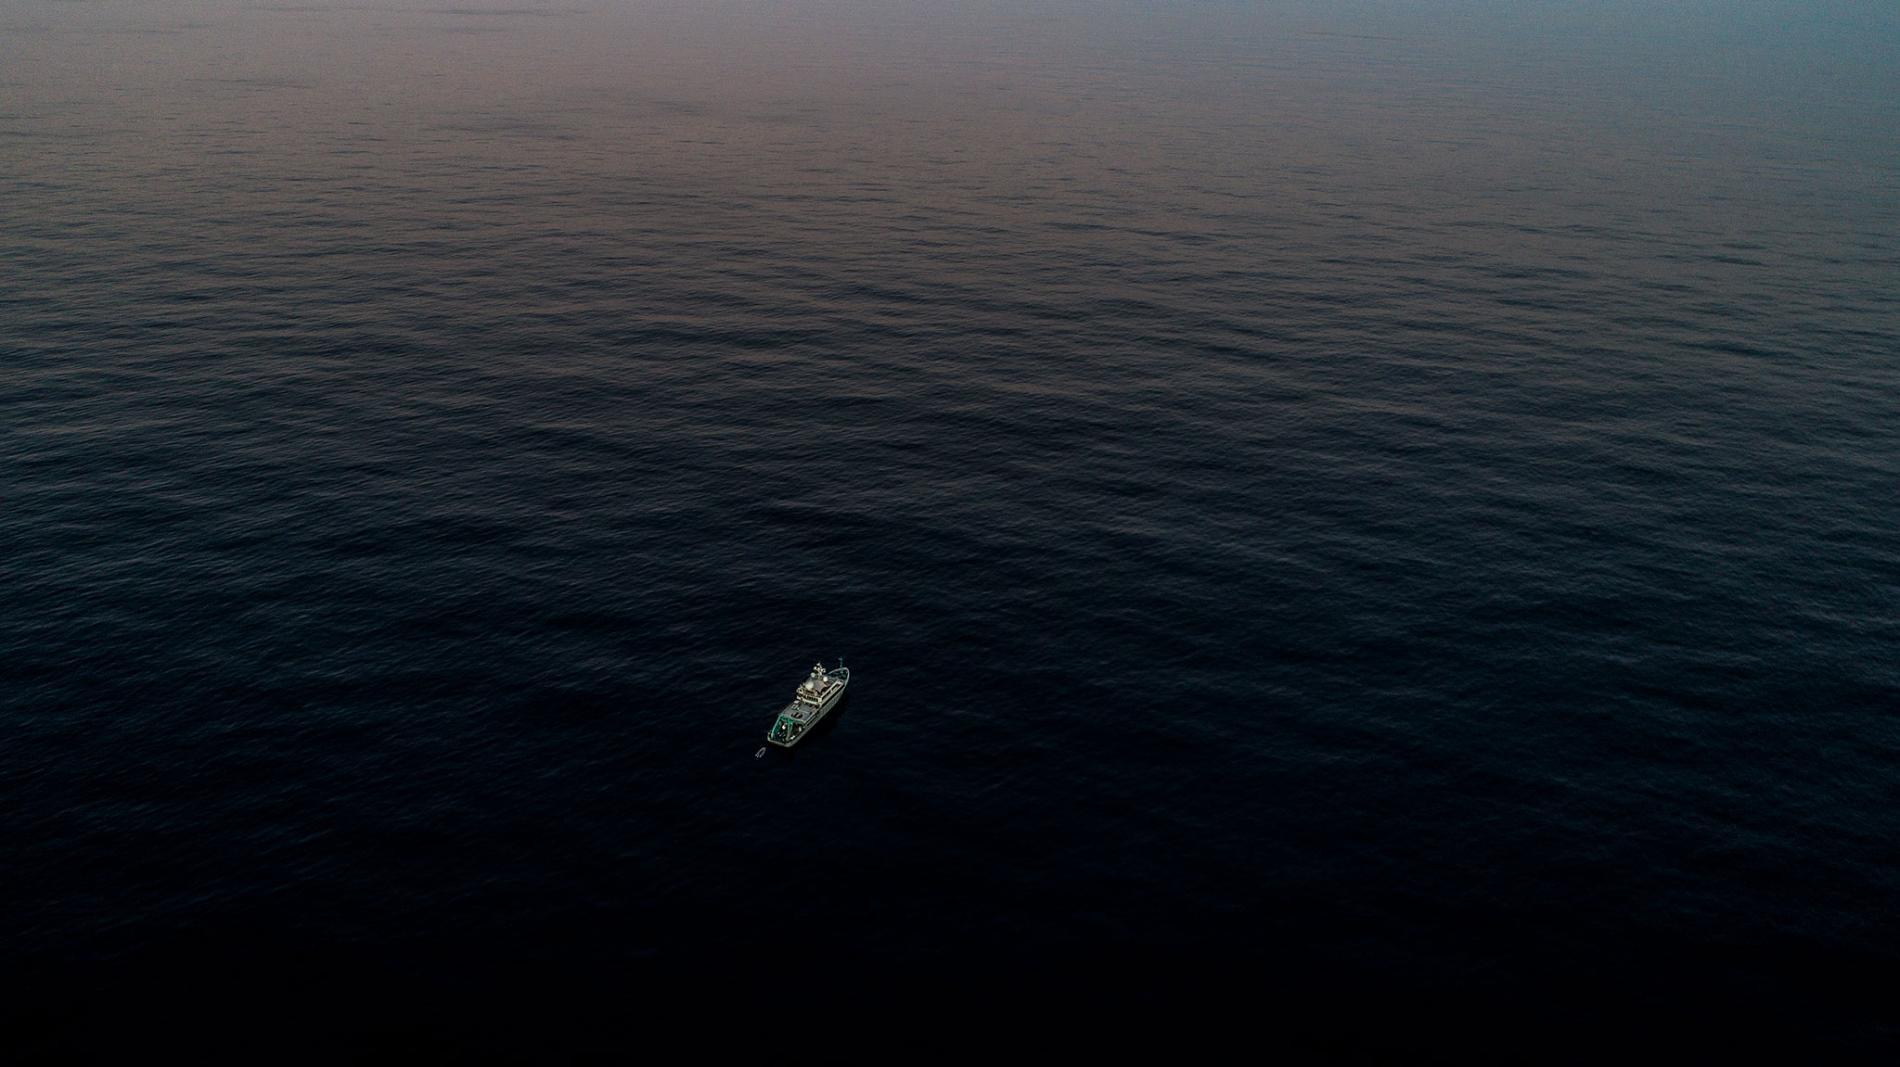 內燃機研究船 Alucia號在離鱈角(Cape Cod)海岸大約161公里的海上,正要前往海底山國家海洋紀念區(Seamounts Marine National Monument)調查當地峽谷中的深海珊瑚生態系。 PHOTOGRAPH BY LUIS LAMAR, NATIONAL GEOGRAPHIC